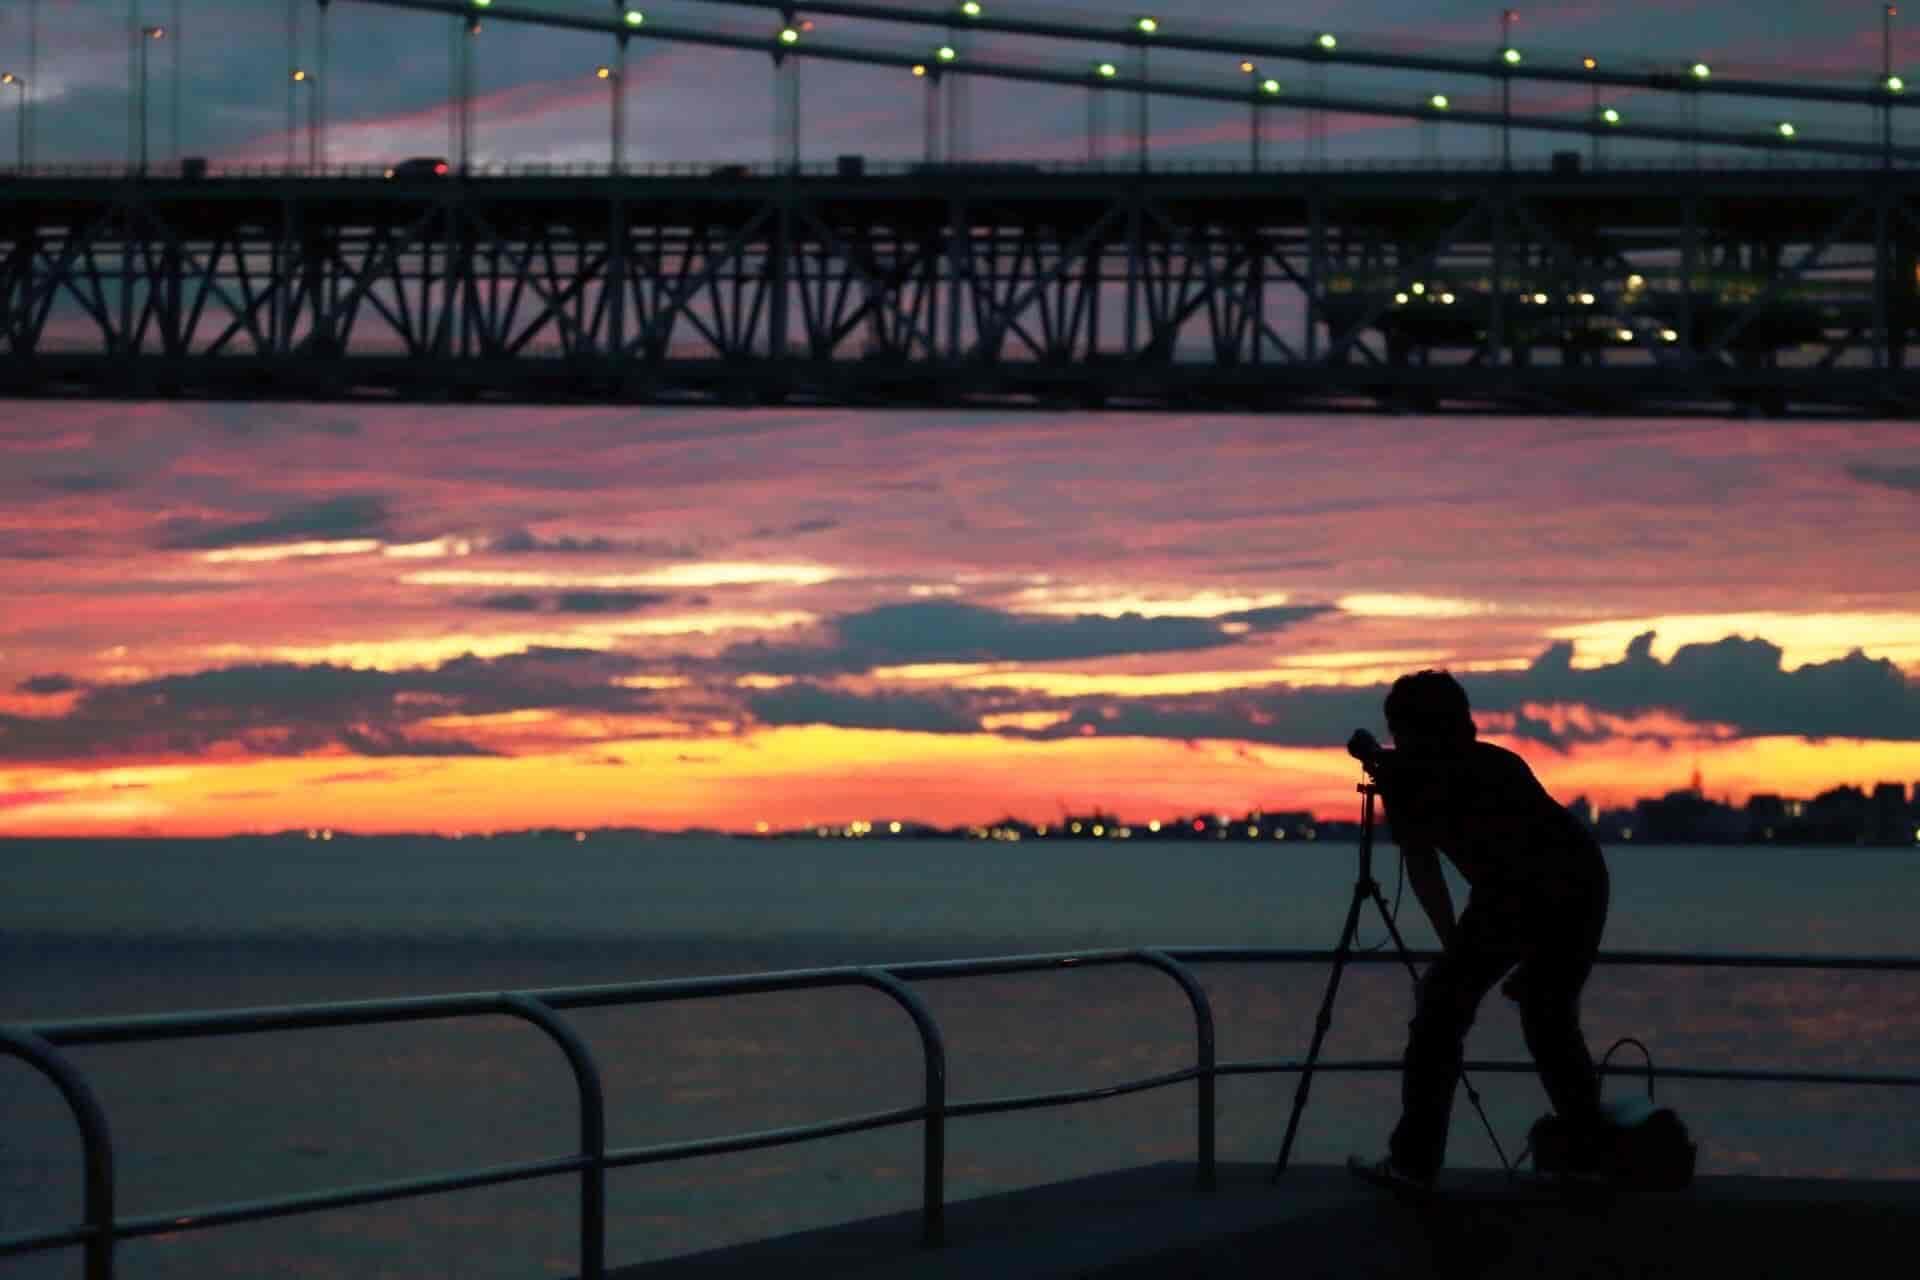 ラブ探偵事務所と他社の千葉県柏市での夜間暗視撮影